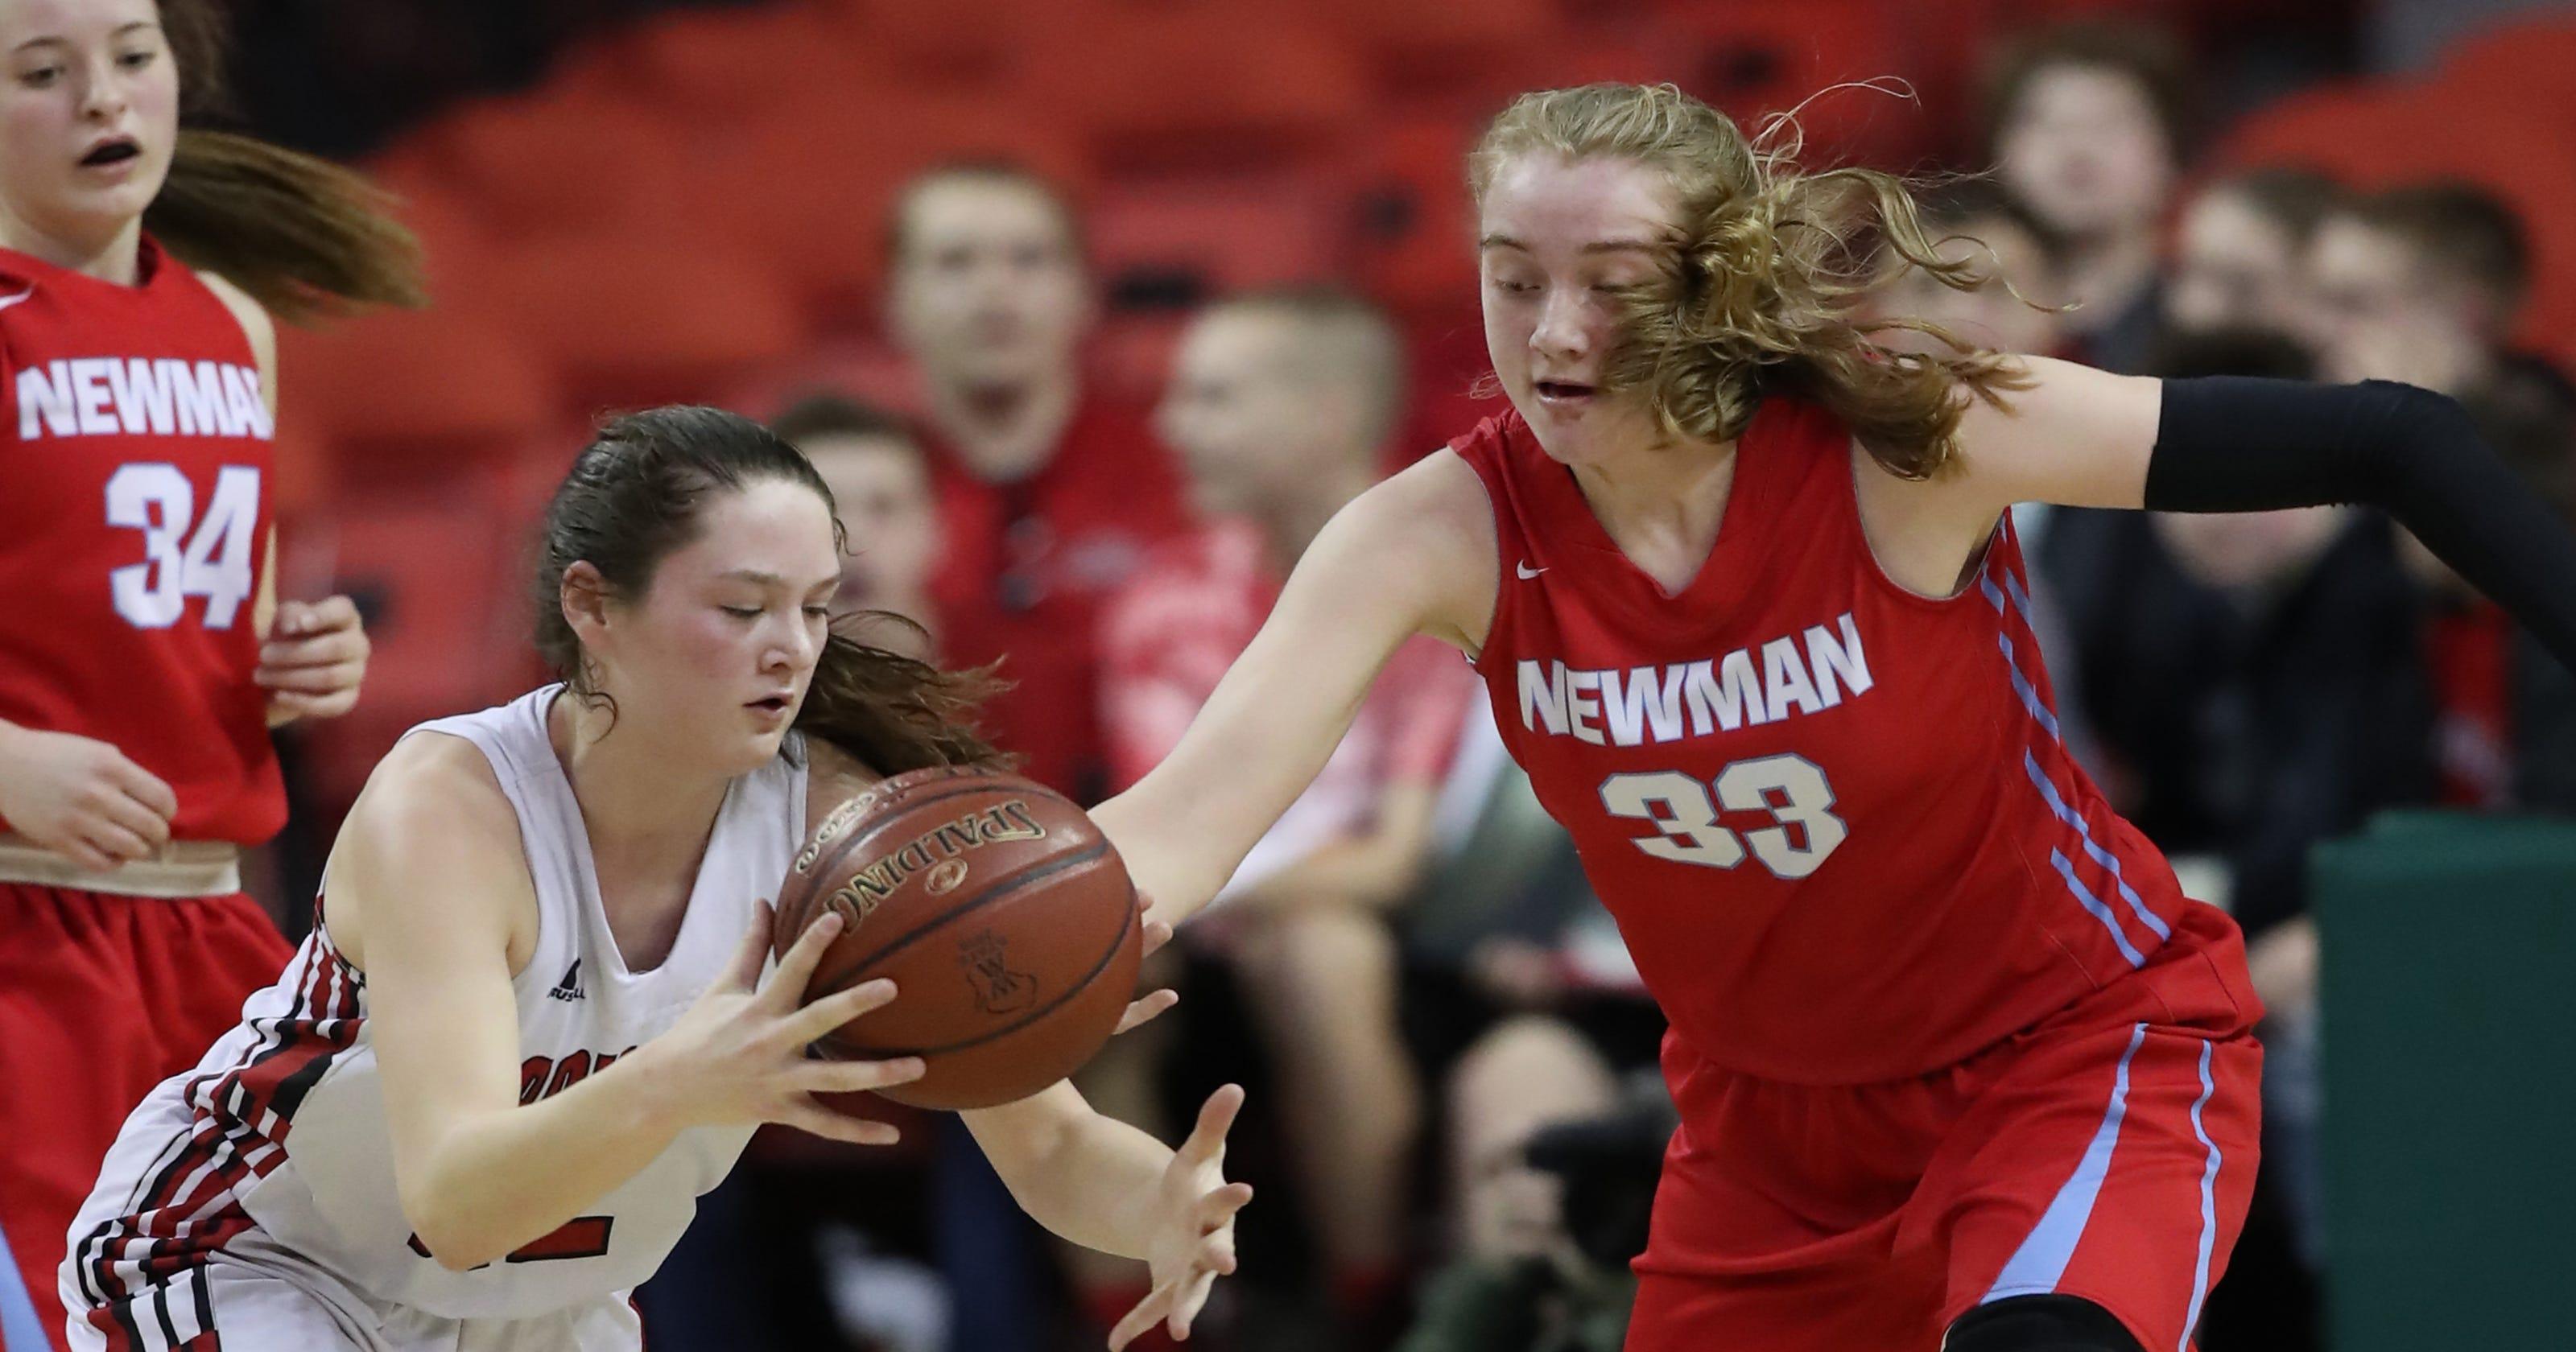 WIAA state girls basketball tournament semifinal roundup ...